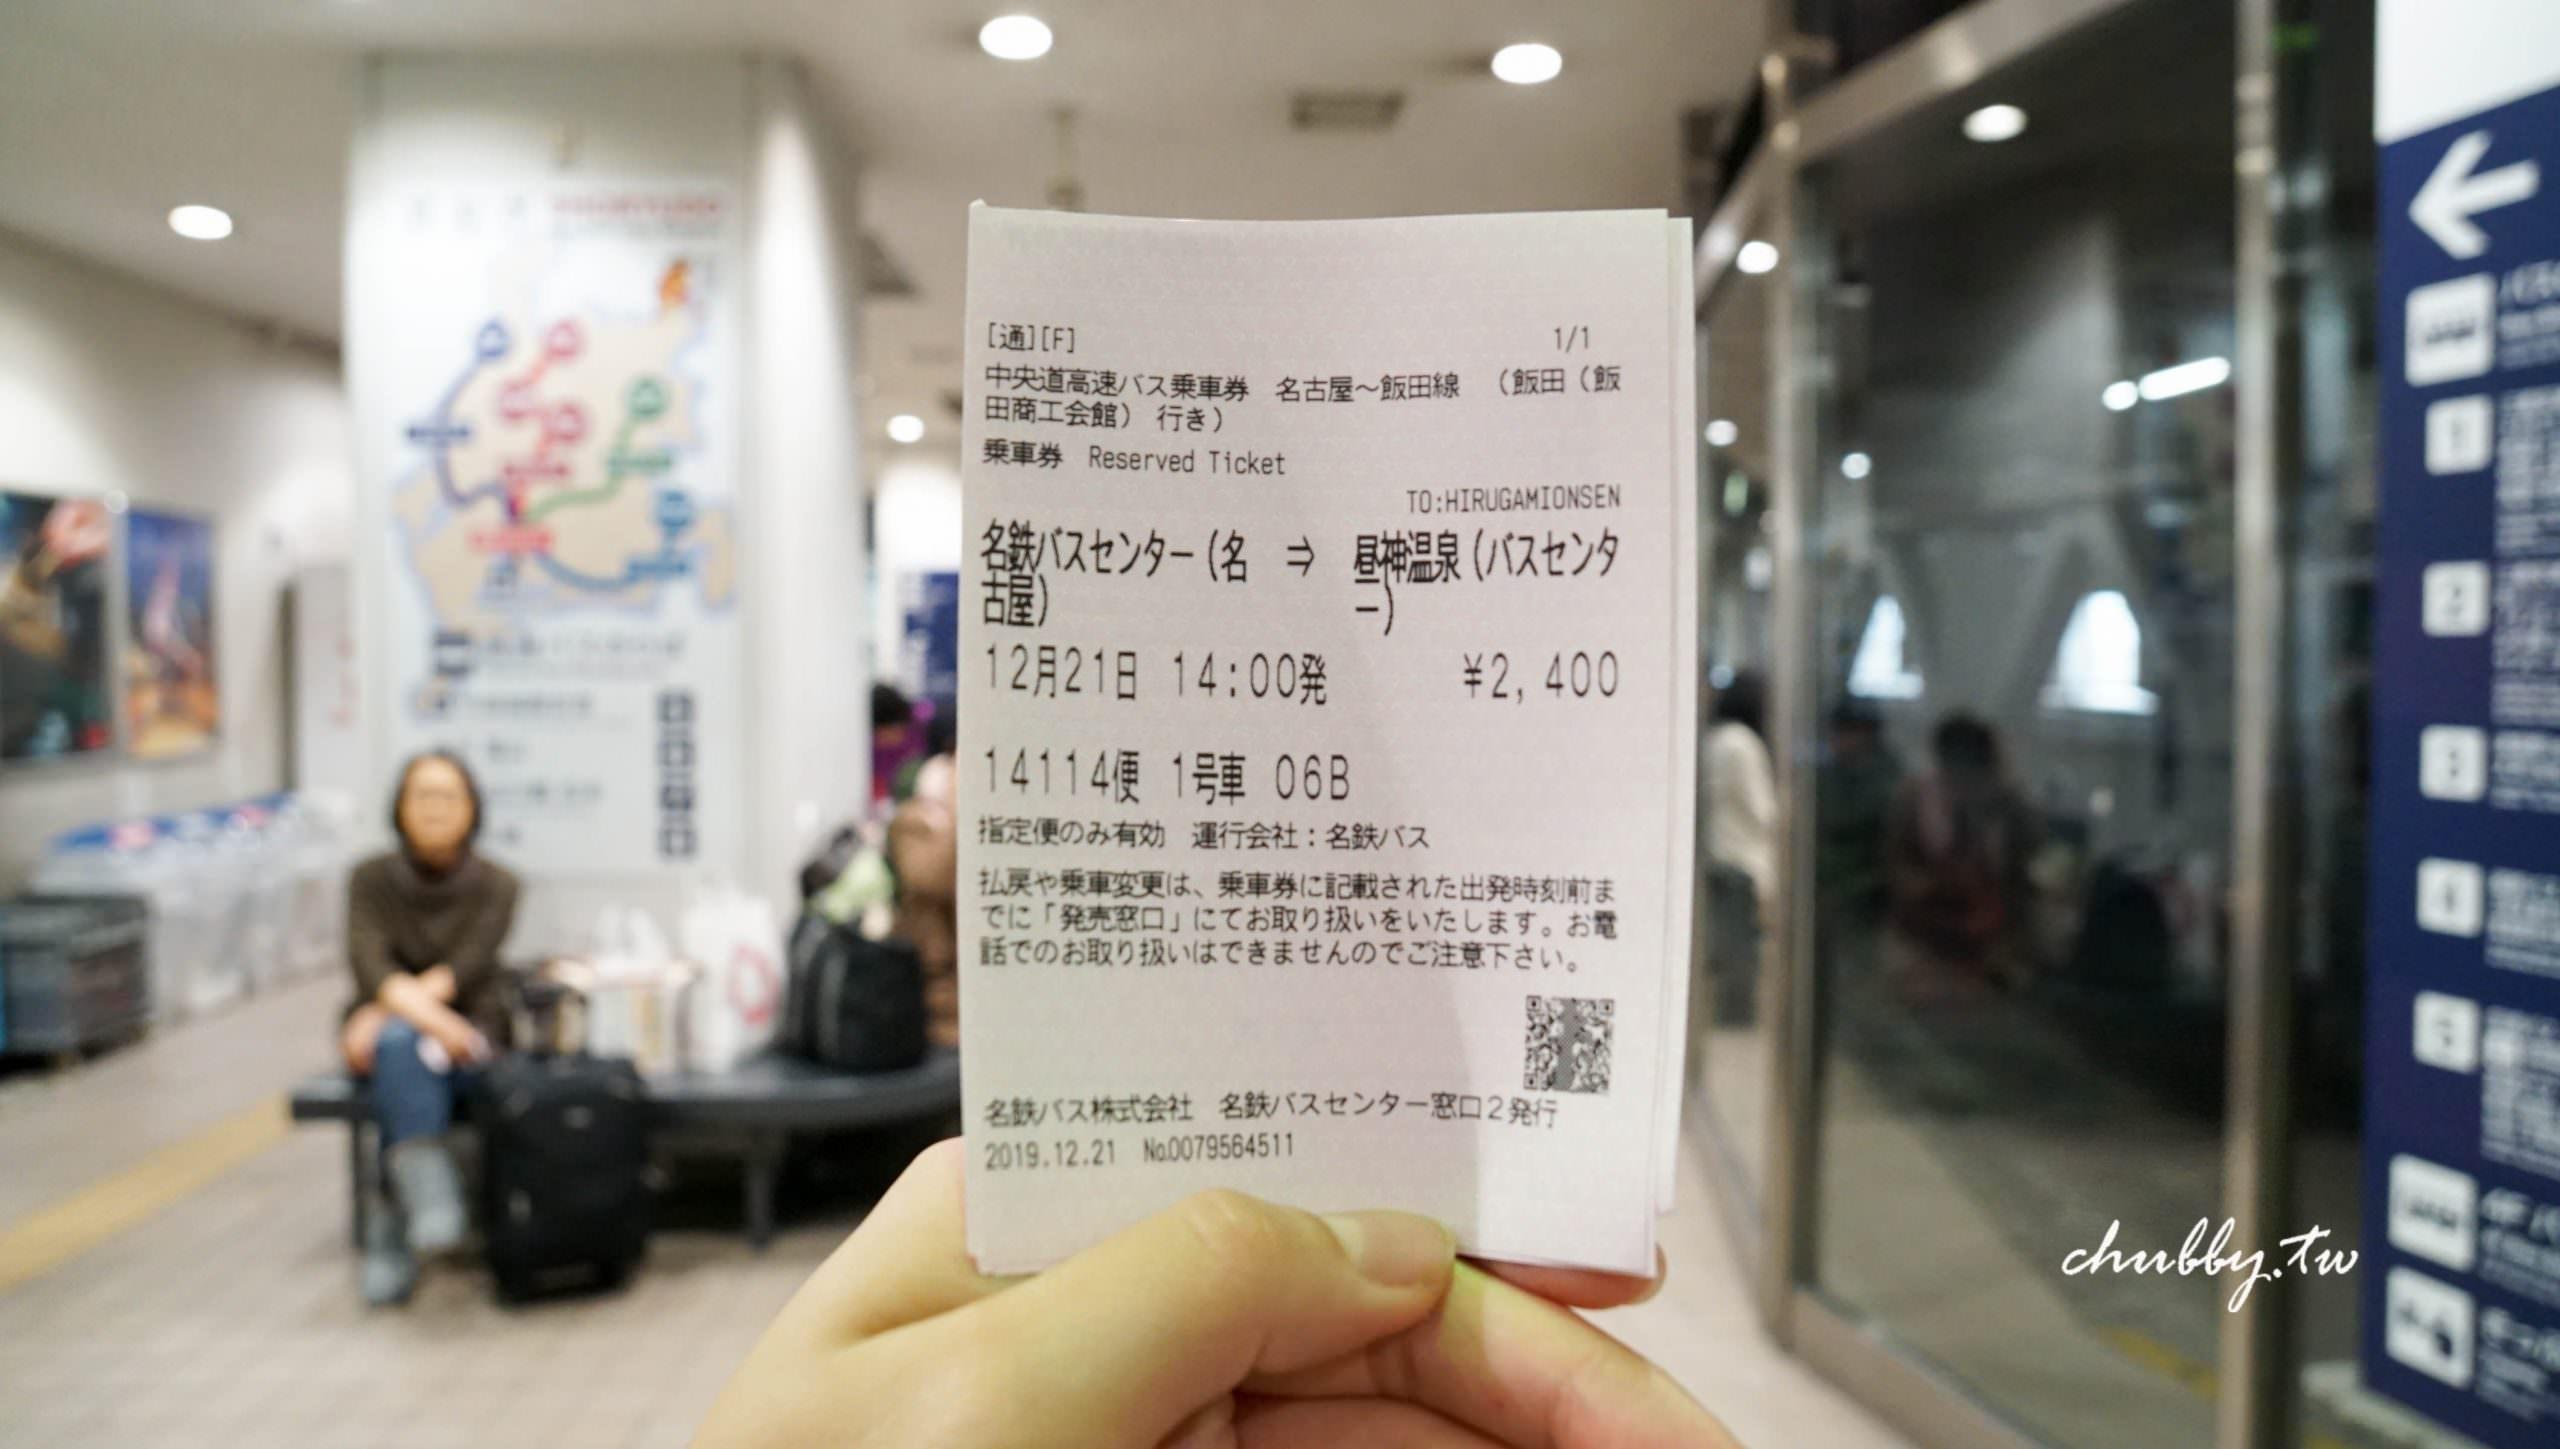 昼神溫泉交通攻略:昼神溫泉怎麼去?(路線 名古屋 東京)